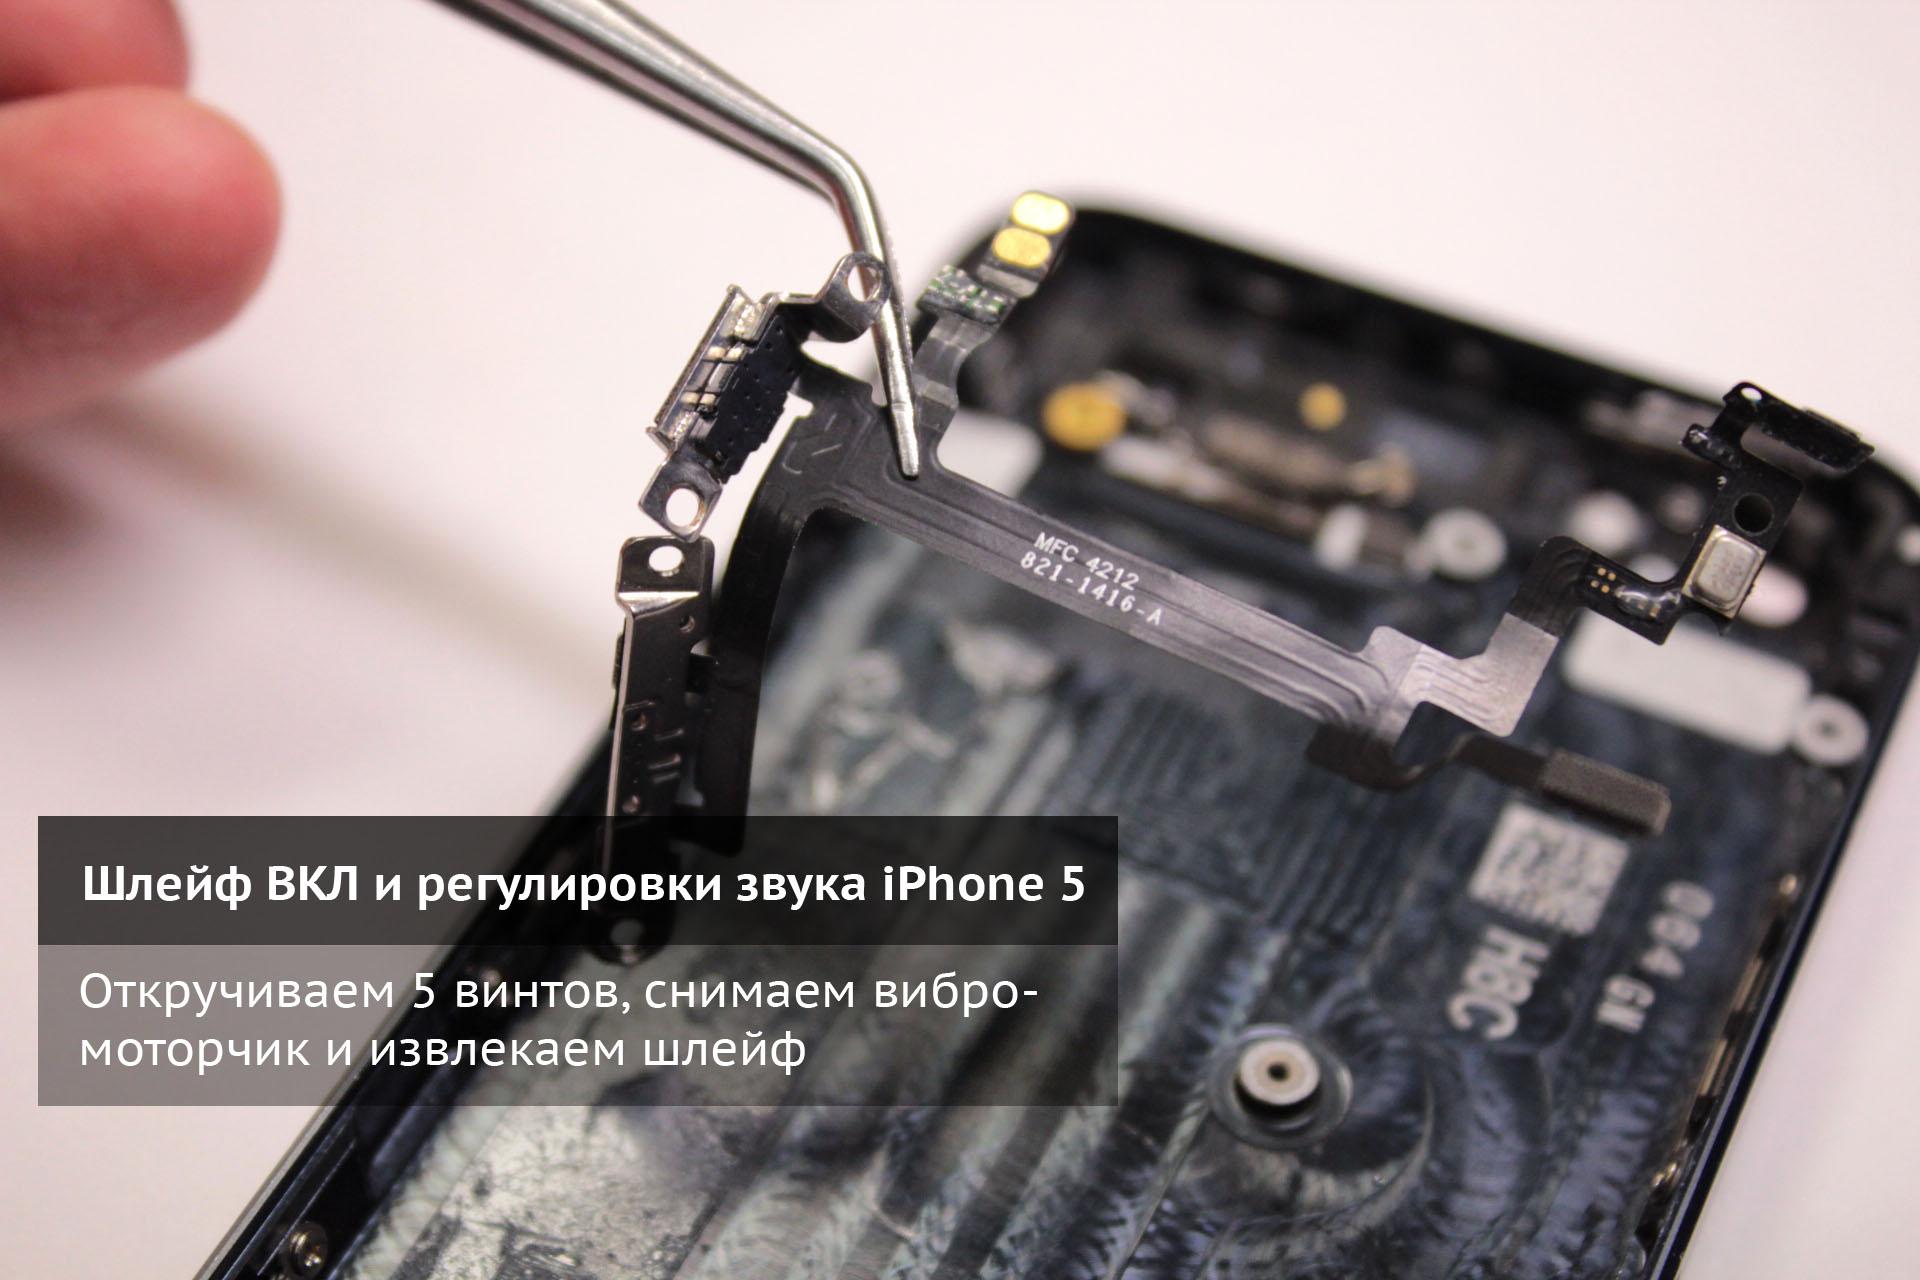 Не Работает Кнопка Блокировки На Iphone 5